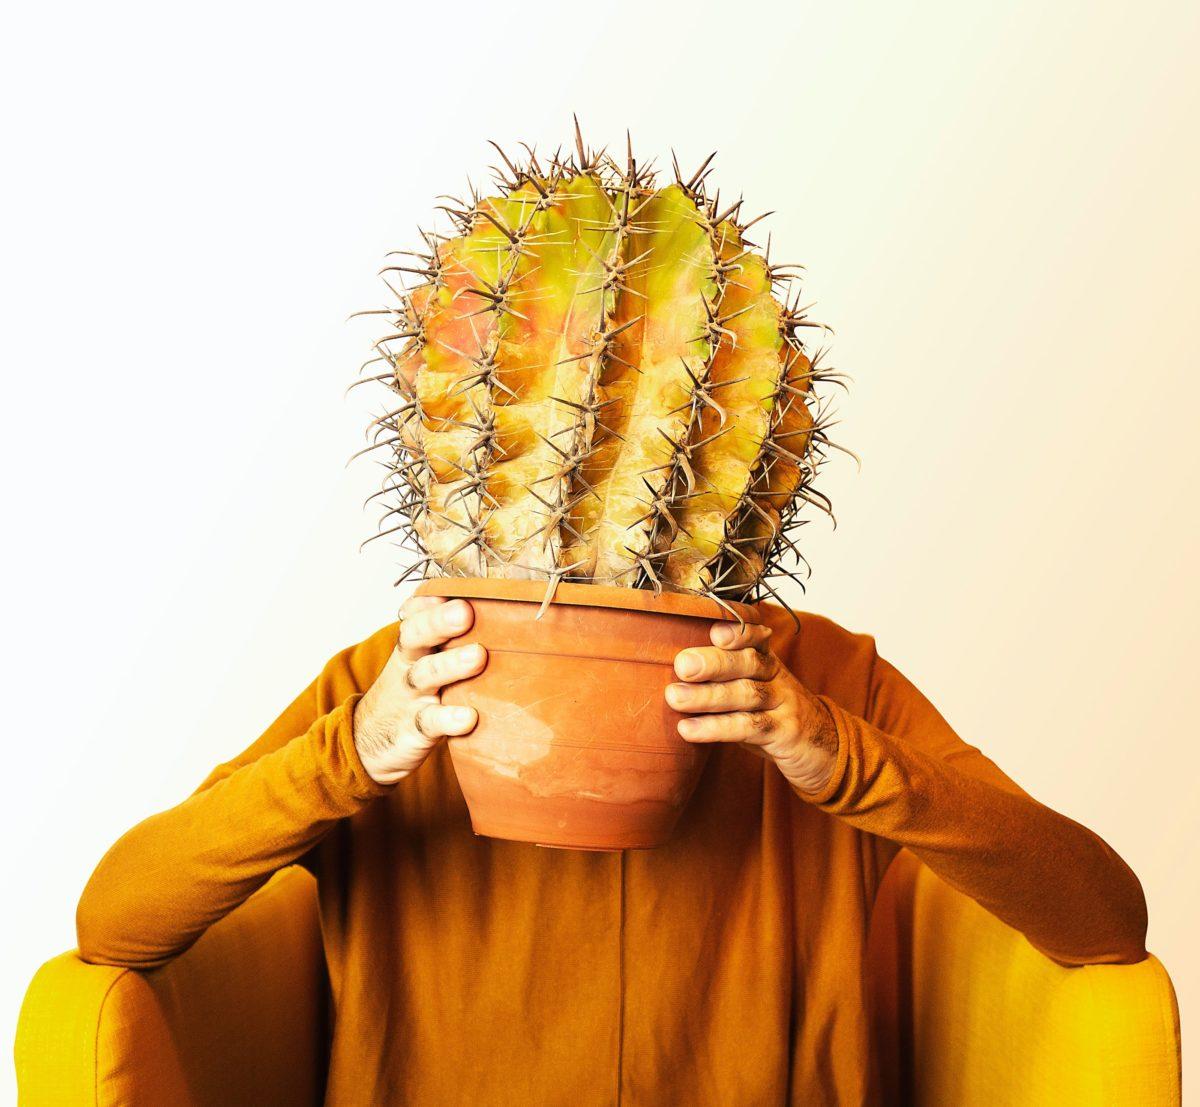 Eine Person sitzt alleine in einem Sessel und hält sich einen Topf in dem ein großer Kaktus ist, vor den Kopf. Das Bild soll Corona-Skeptiker symbolisieren, die trotz Lockdown in Deutschland weiter Proteste gegen die Maßnahmen zum Schutz der Bevölkerung während der Pandemie durchführen.